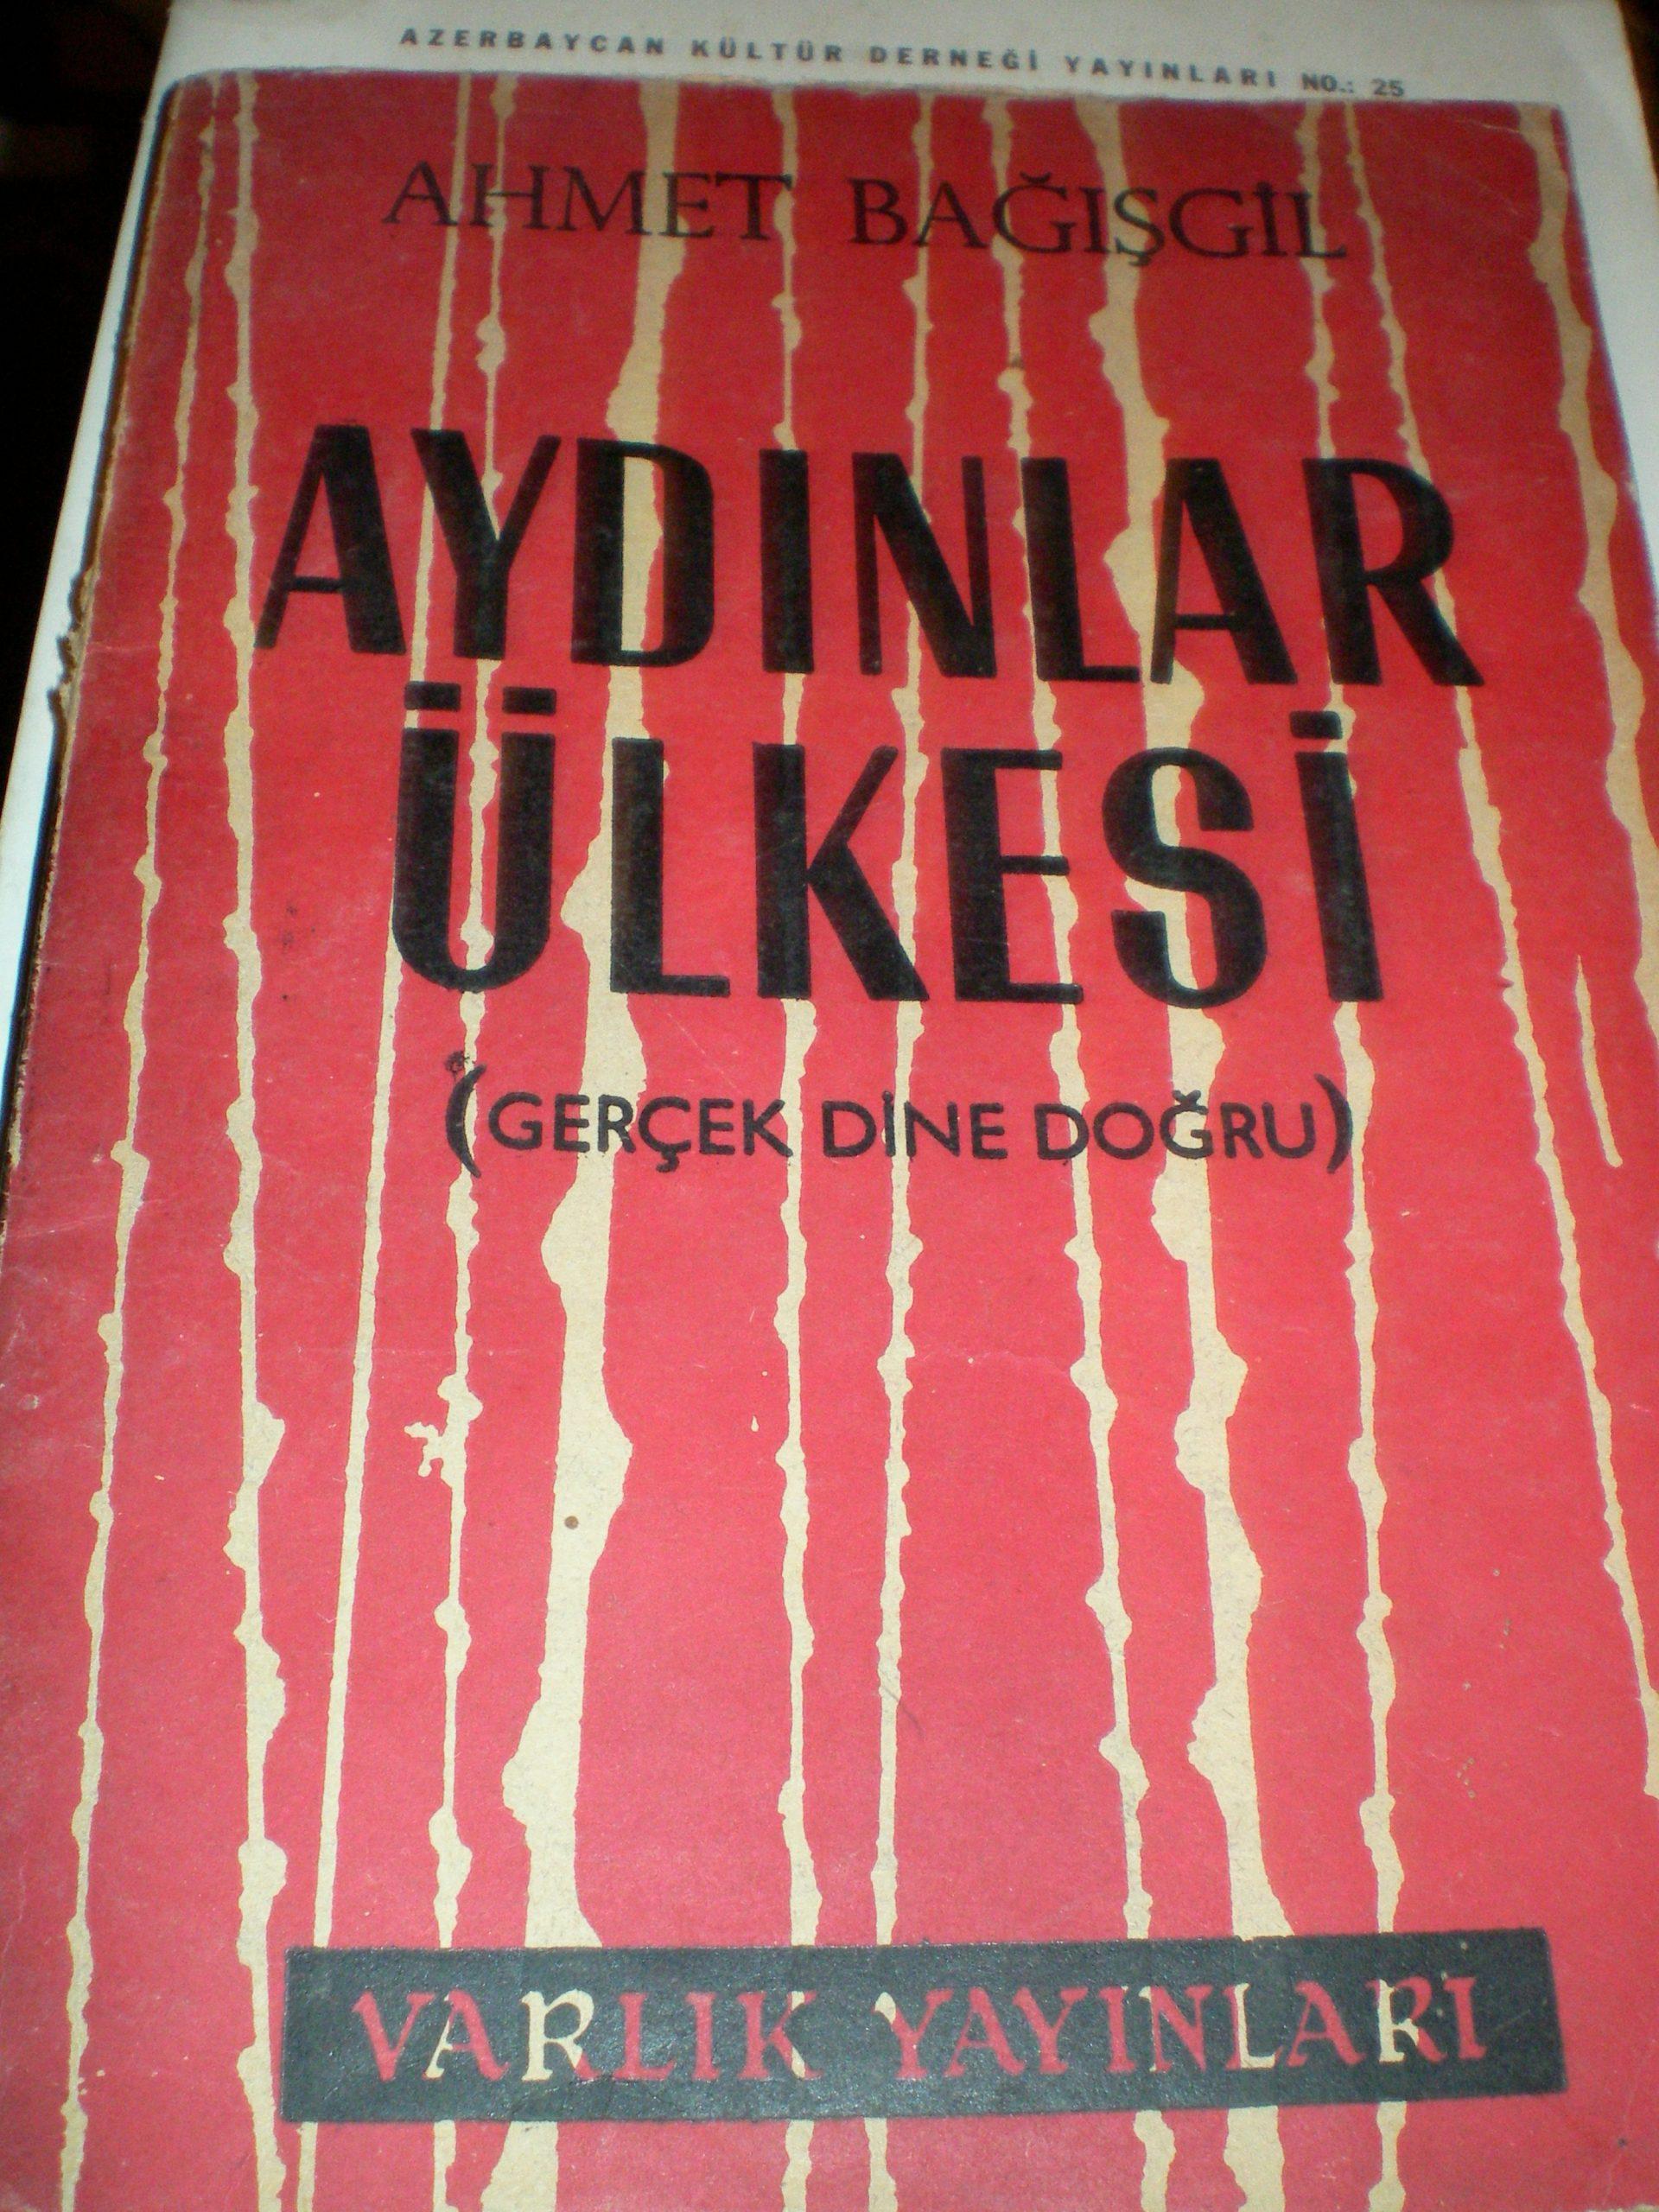 AYDINLAR ÜLKESİ(Gerçek dine doğru)/Ahmet BAĞIŞGİL/10 TL